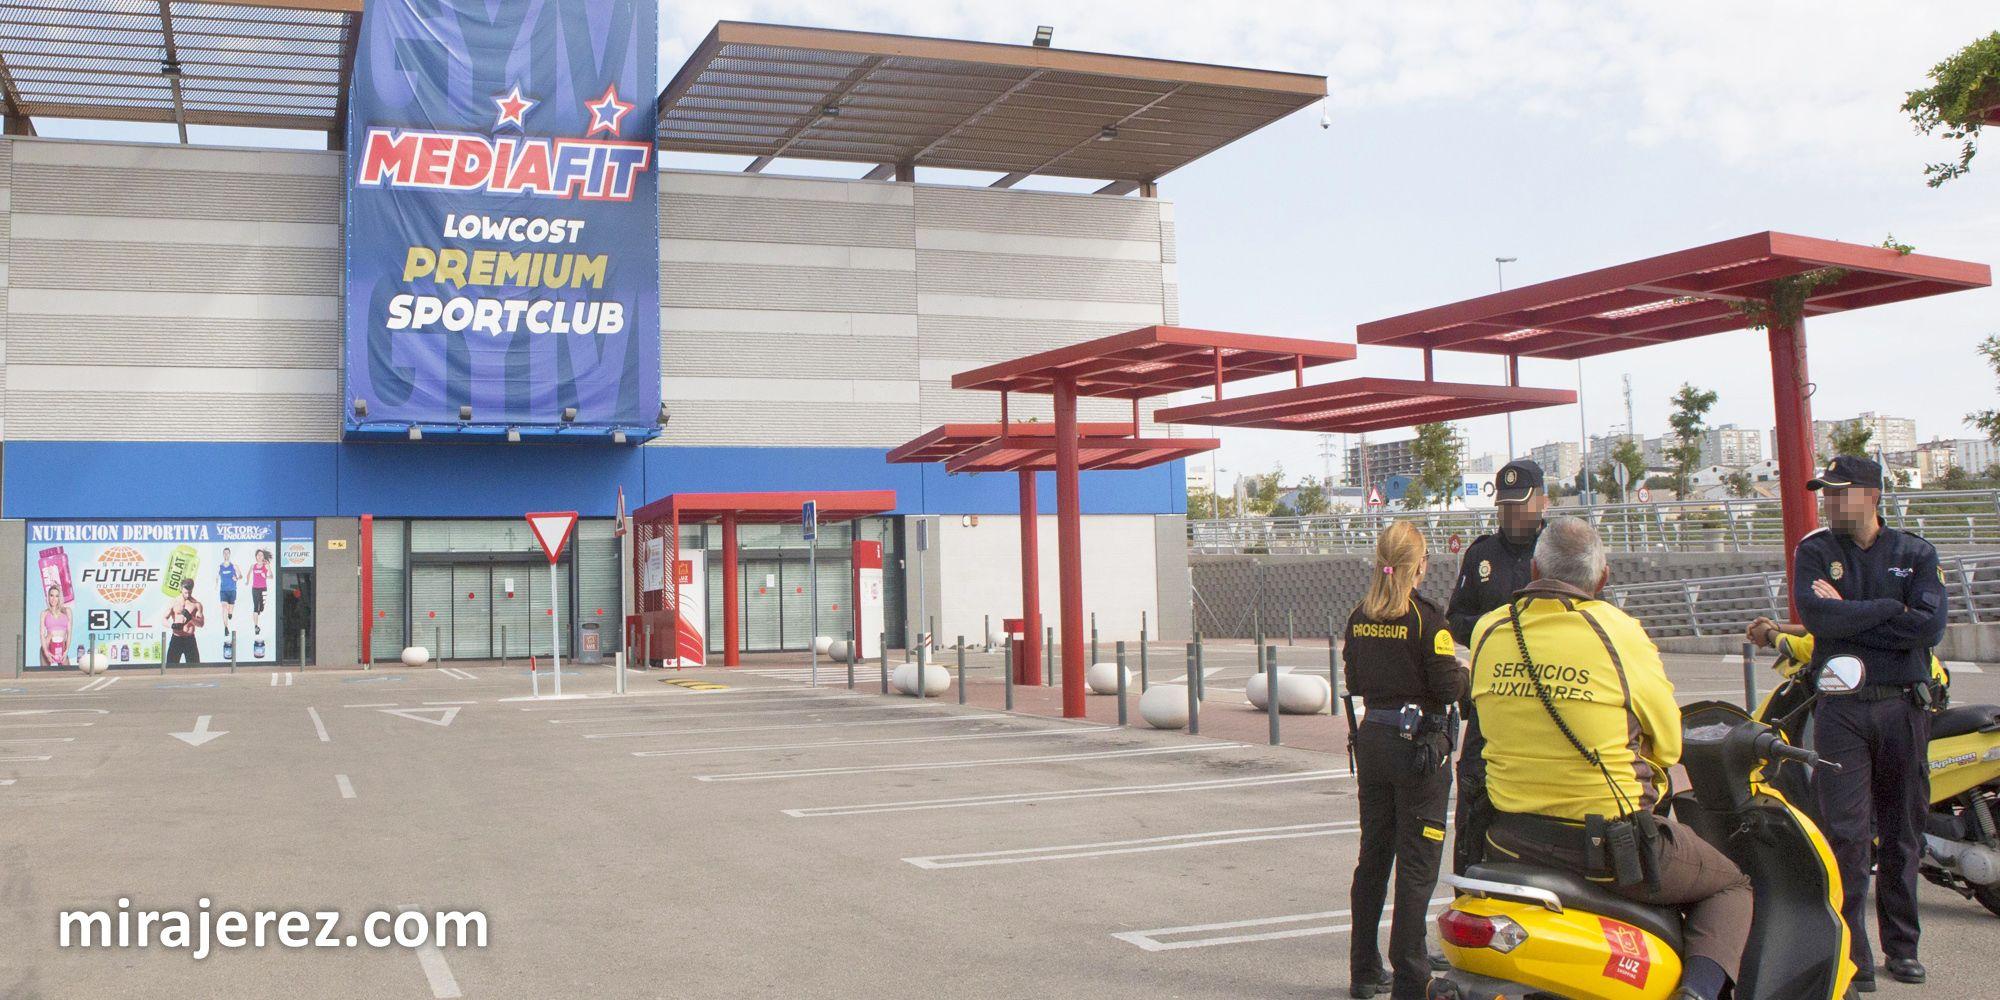 Agentes de la Policía Nacional y del servicio de seguridad del parque custodian la entrada al parking de MediaFit | Juan Carlos Corchado para MIRA Jerez